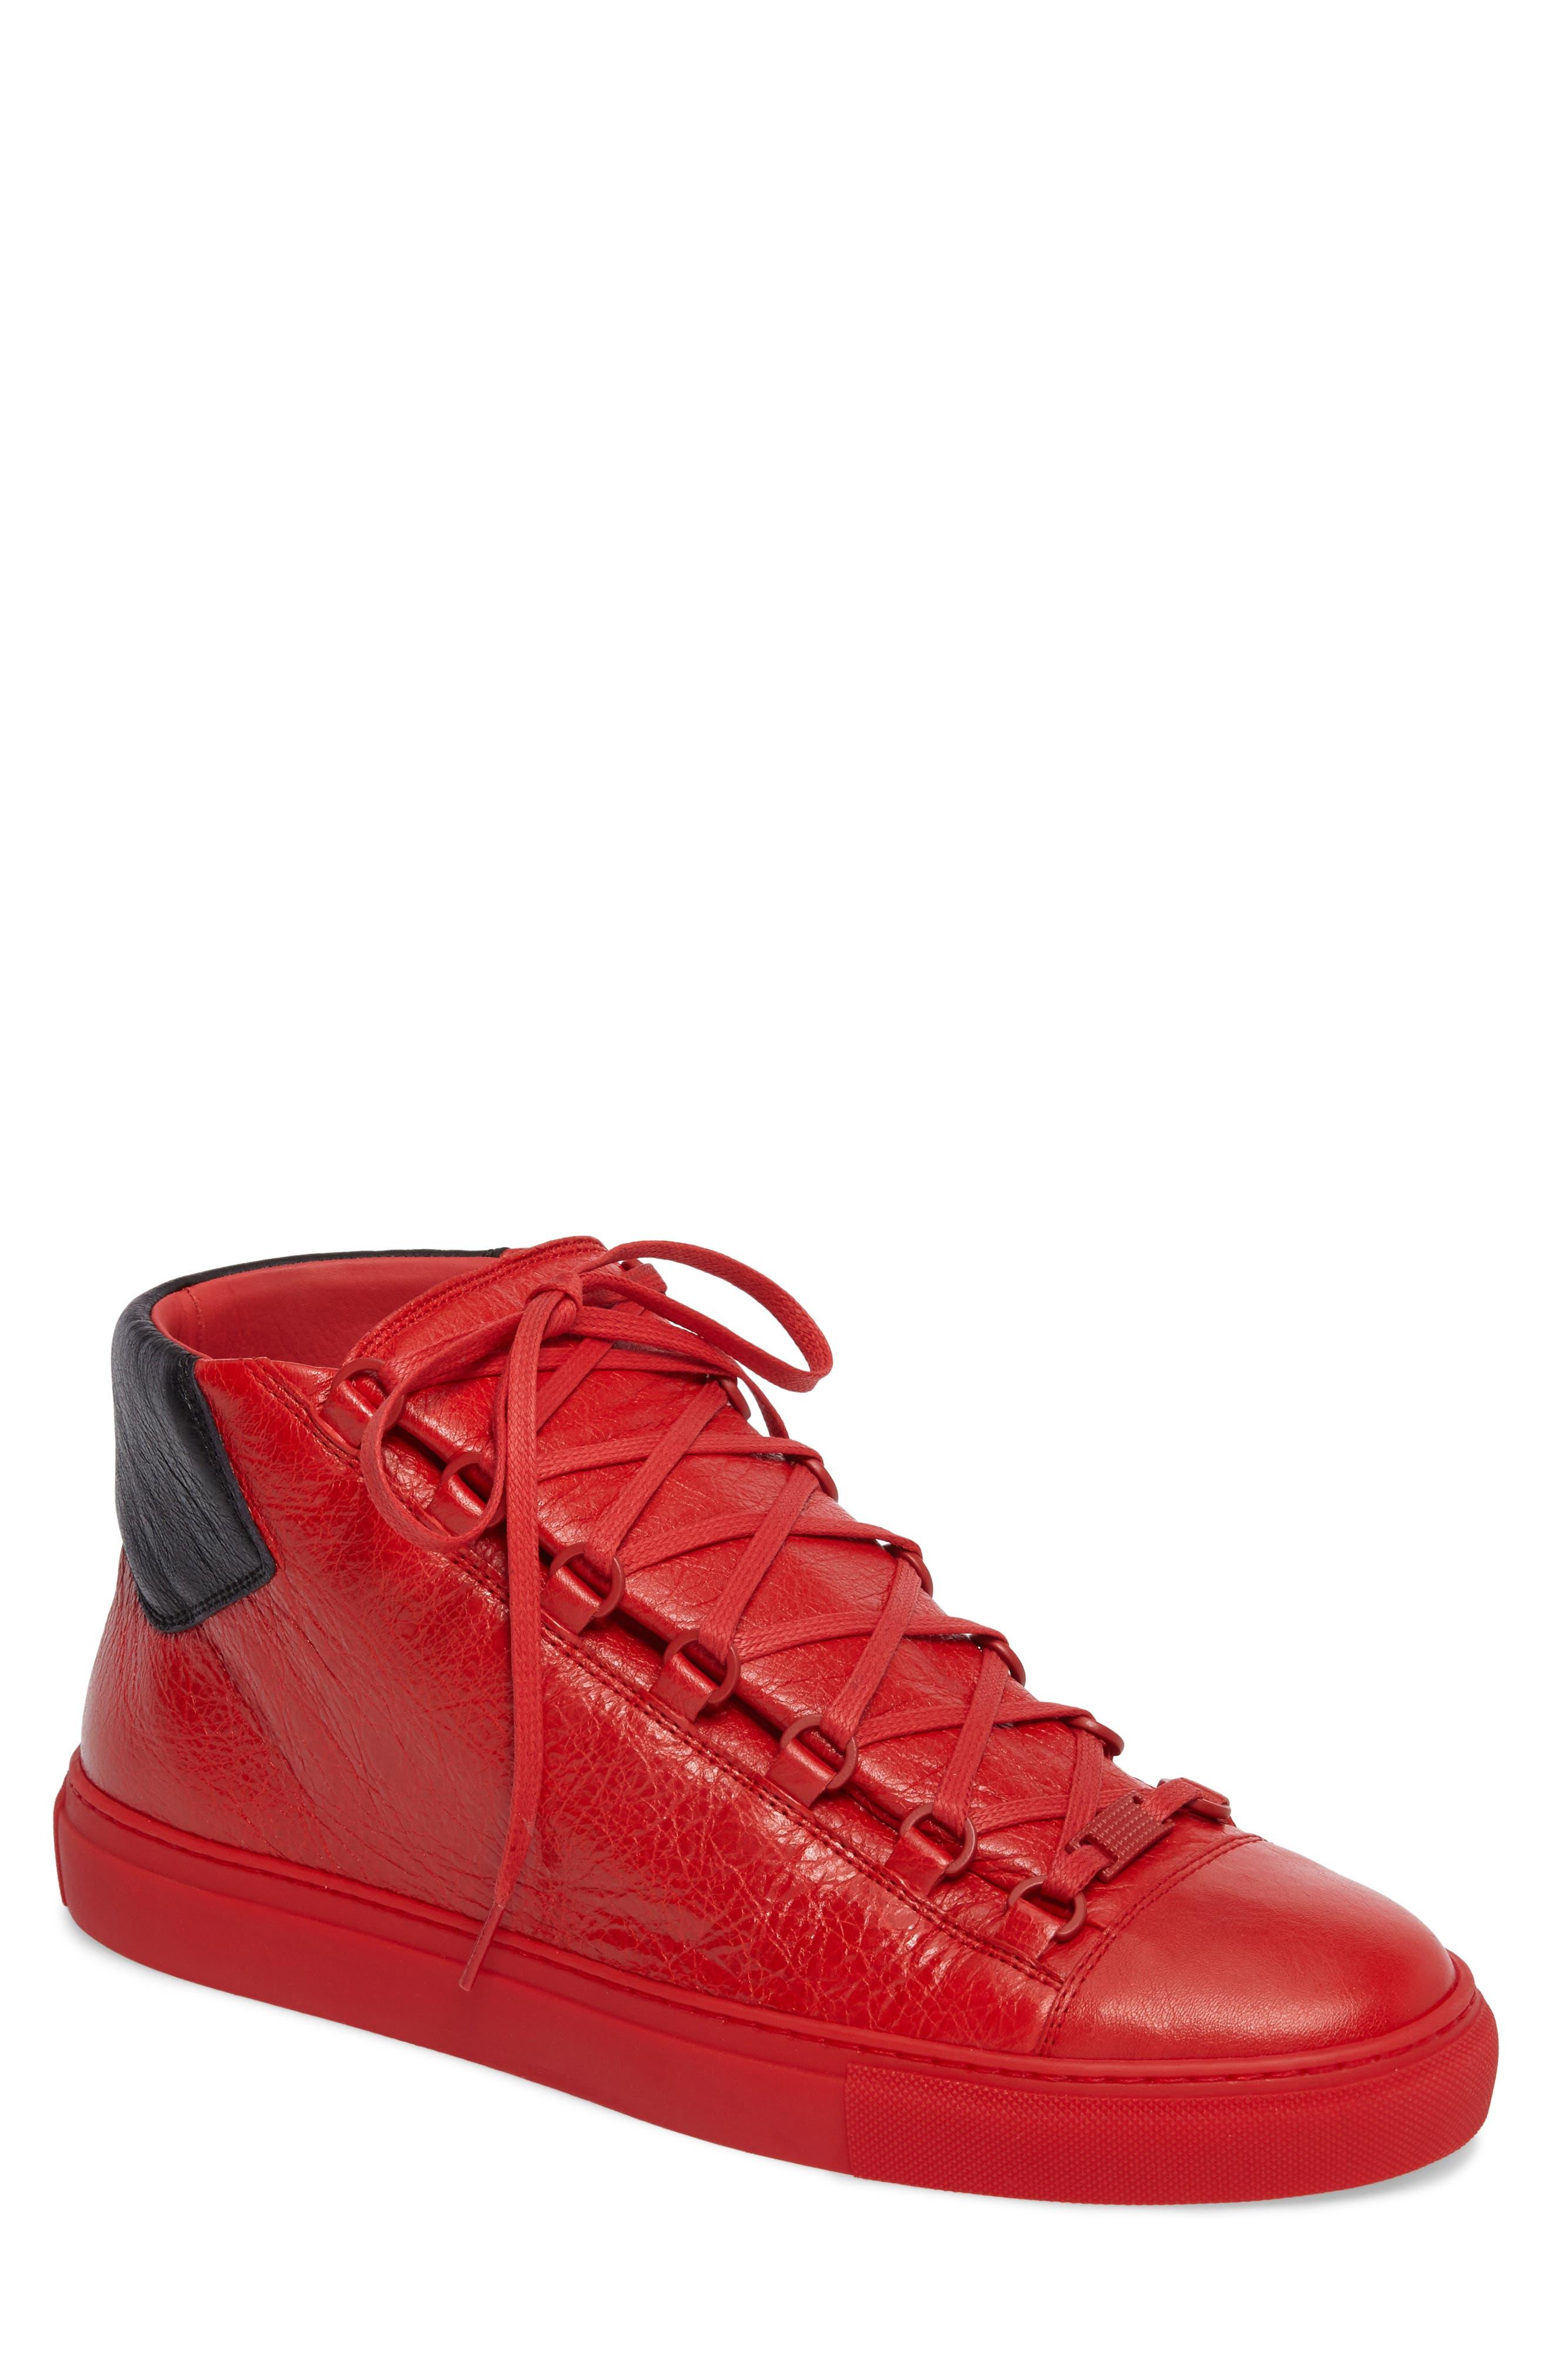 Alternate Image 1 Selected - Balenciaga Arena High Sneaker (Men)